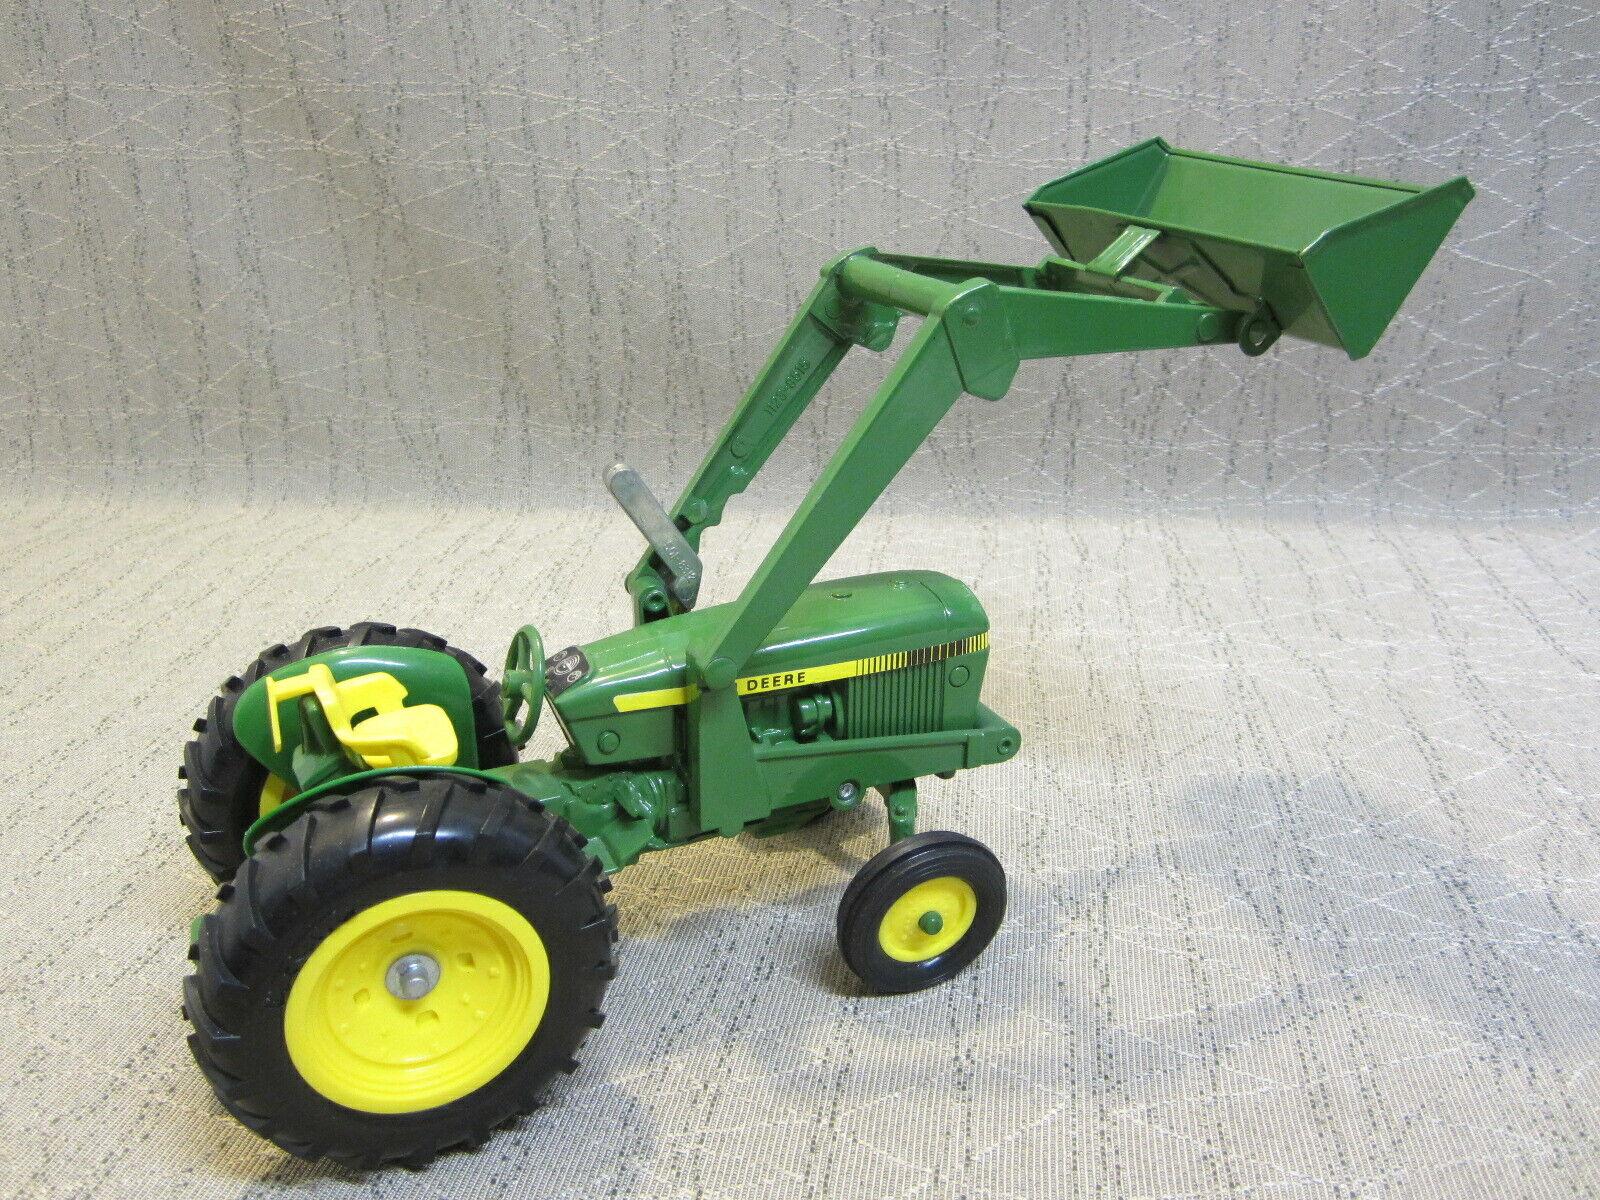 John Deere Tractor De Metal 12  de largo